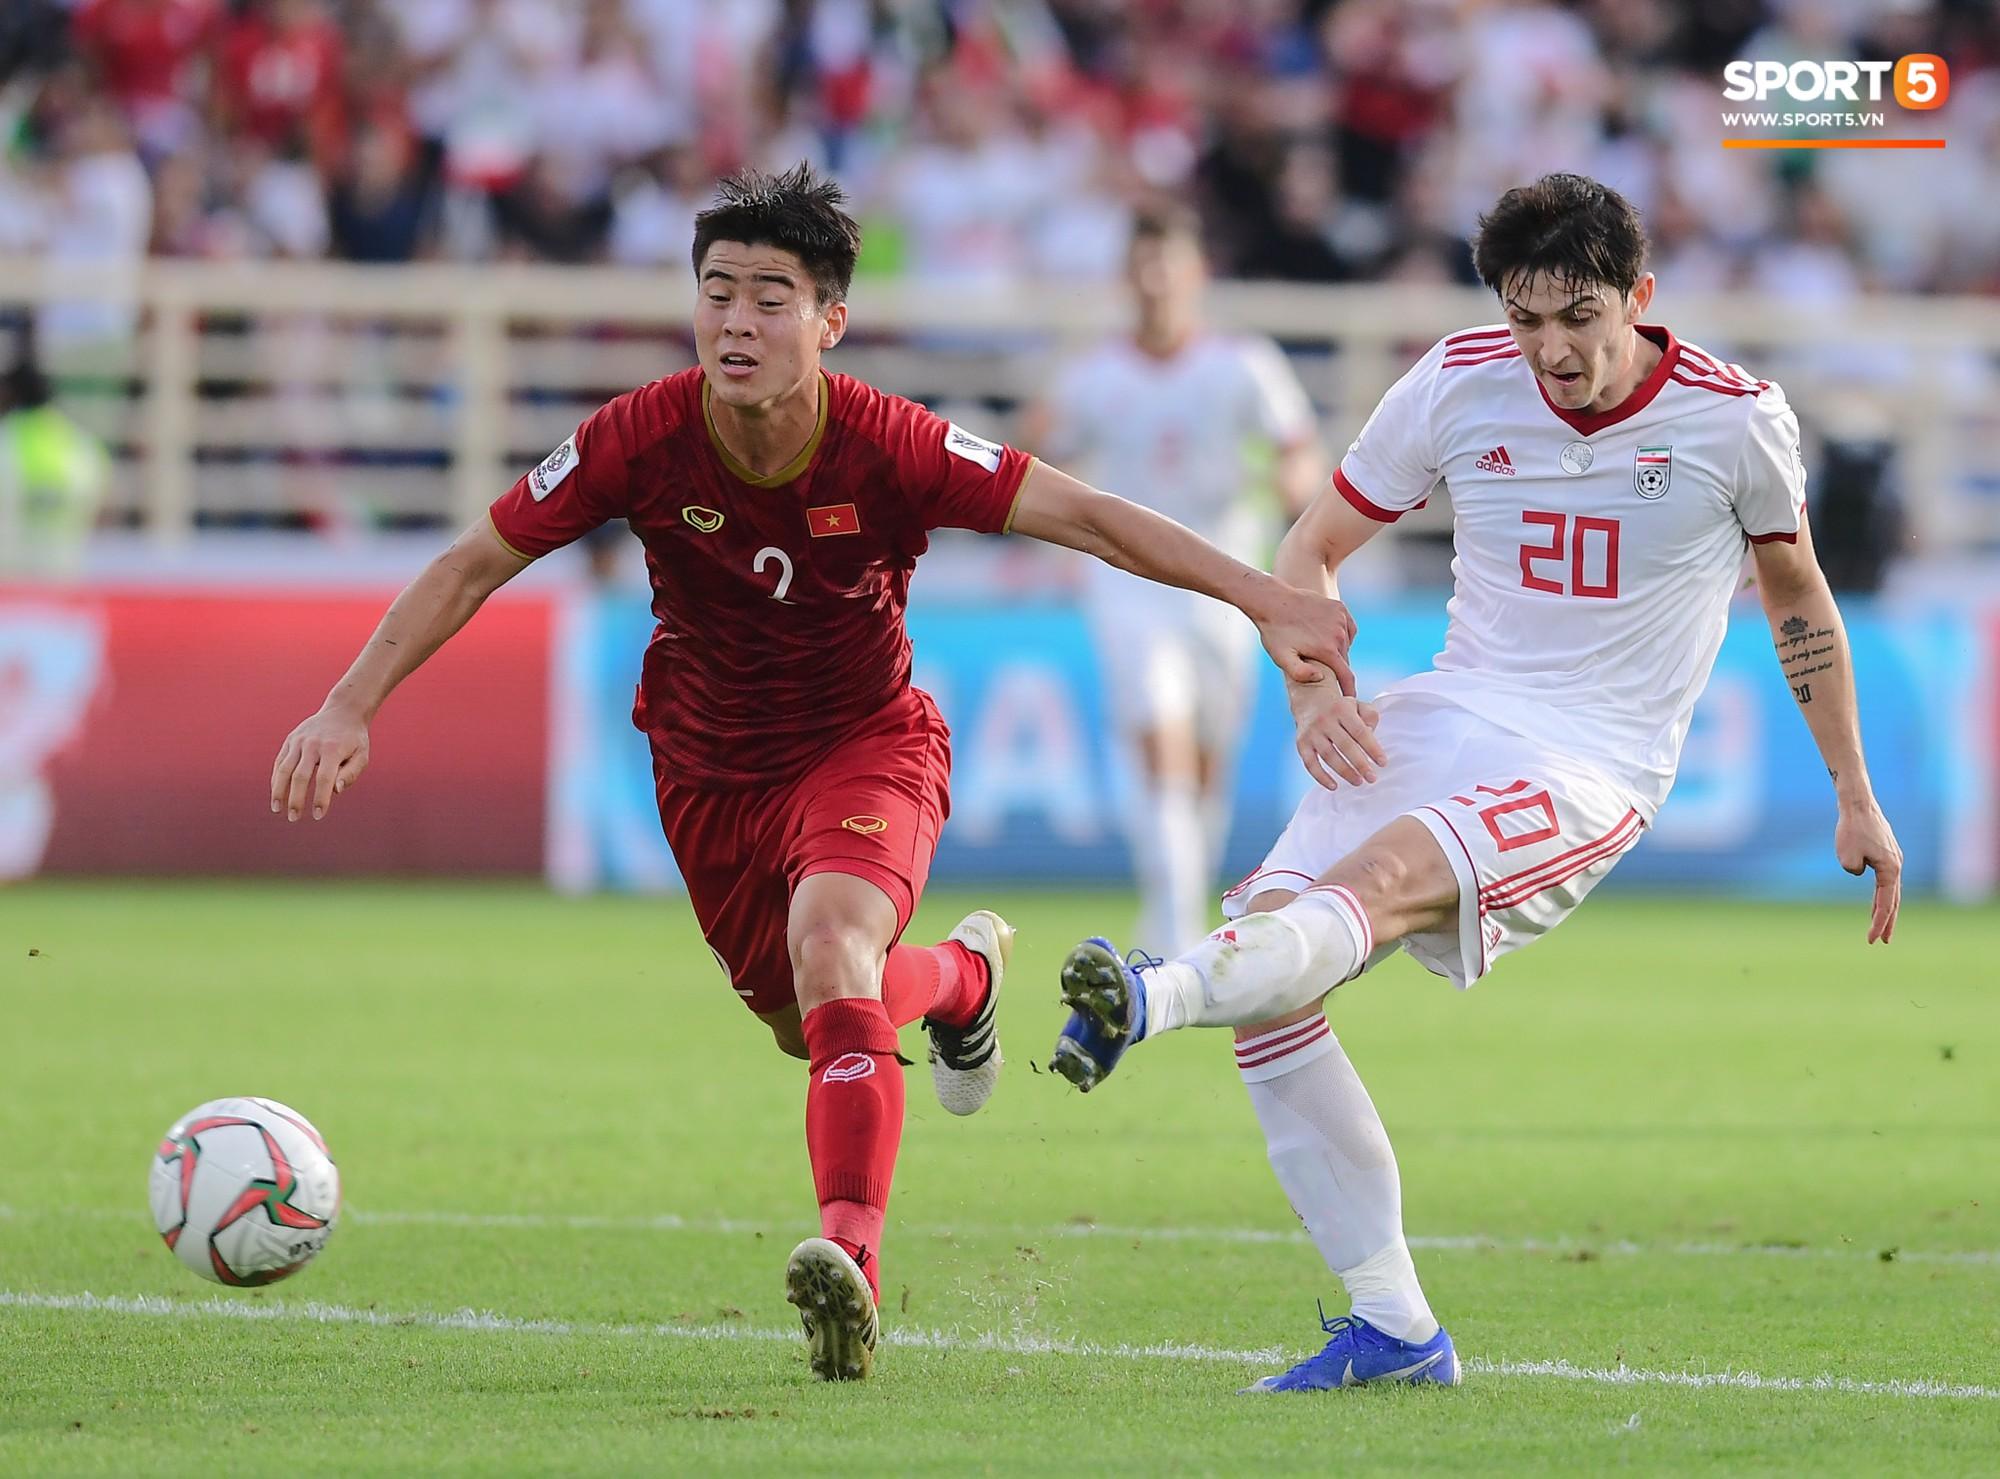 vietnamiranasiancup2019121271547304716428148182726773f02fa1d9cp.jpg